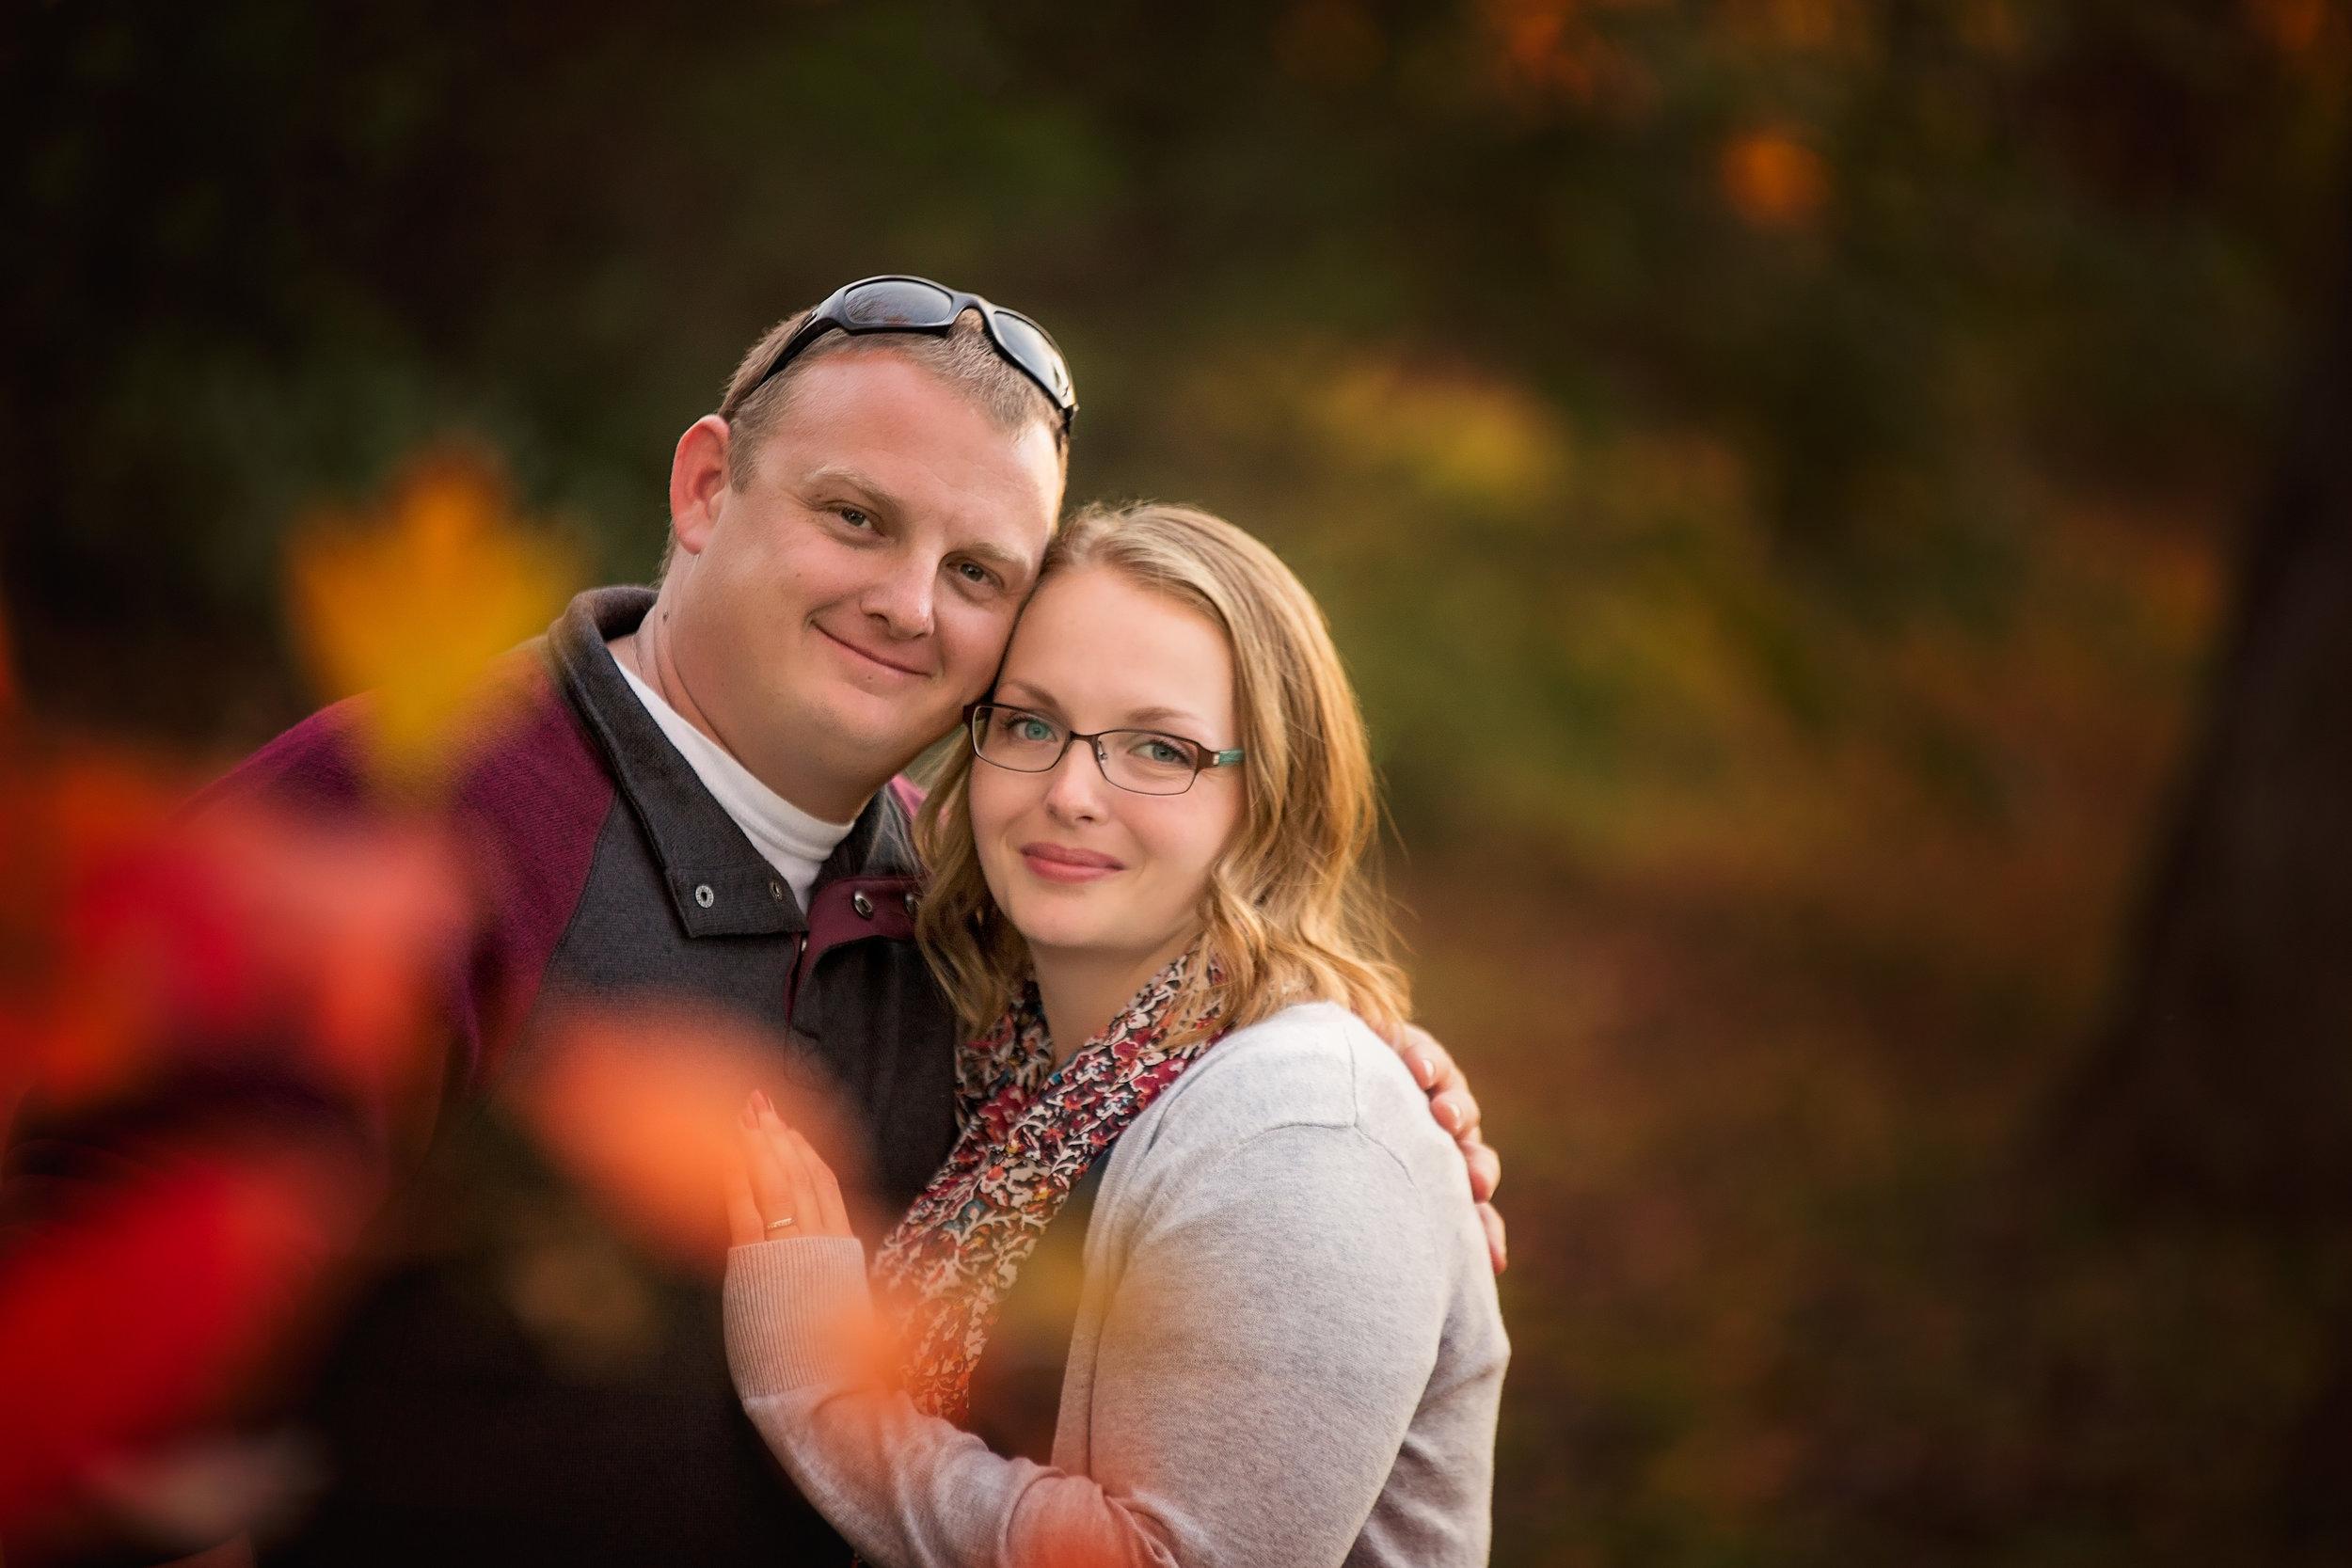 Fall Couple's Photos